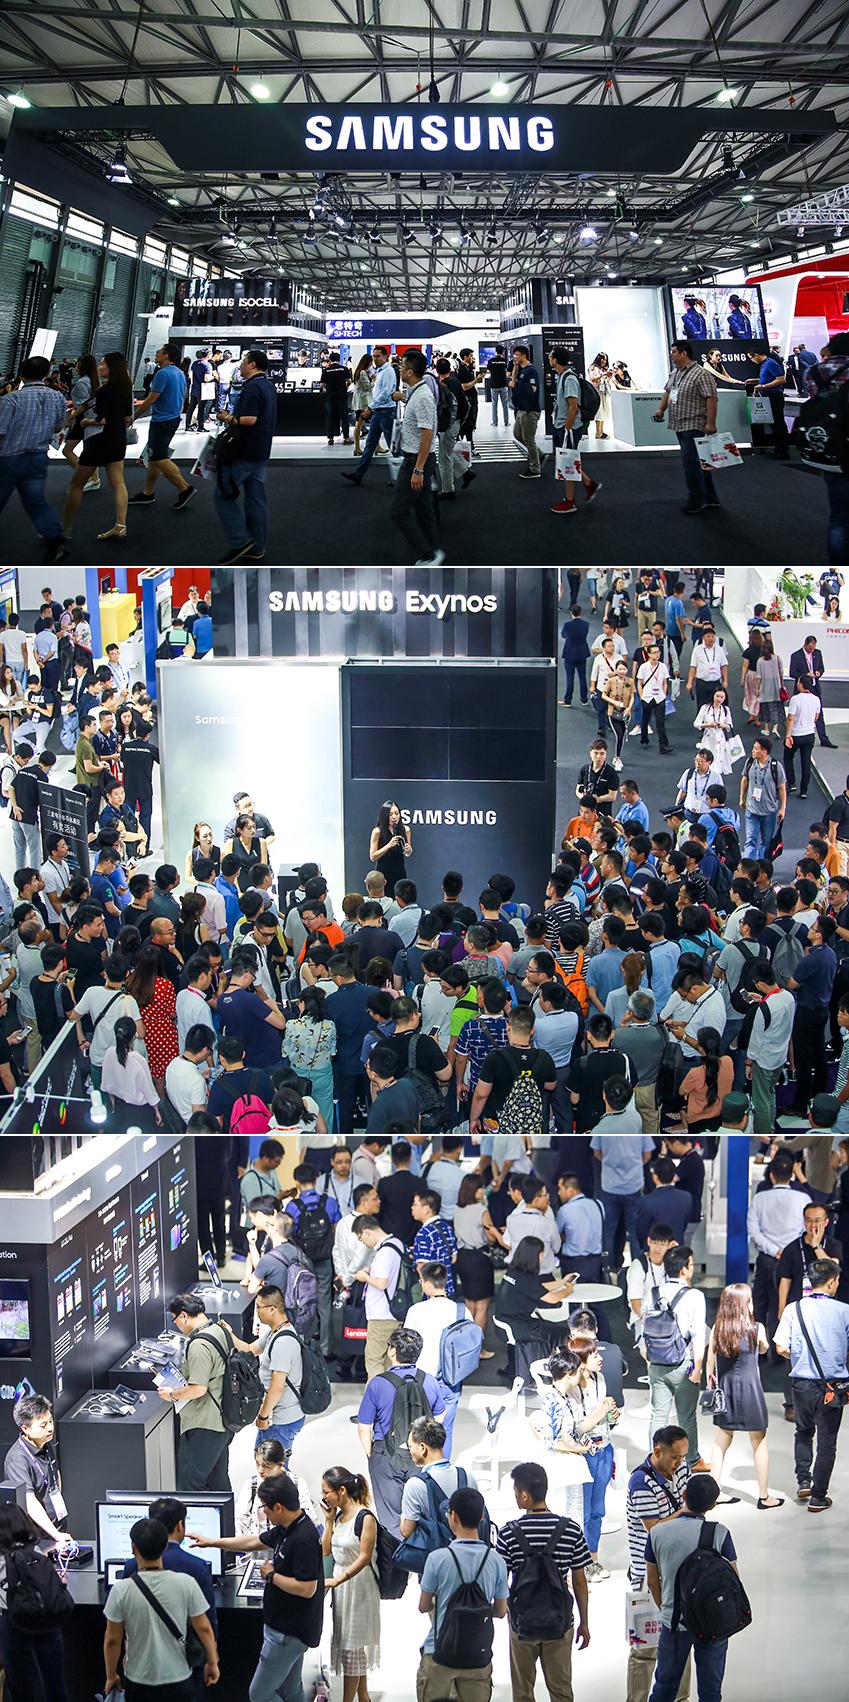 ▲ 수많은 글로벌 관람객으로 발 디딜 틈 없는 삼성전자 전시관의 모습